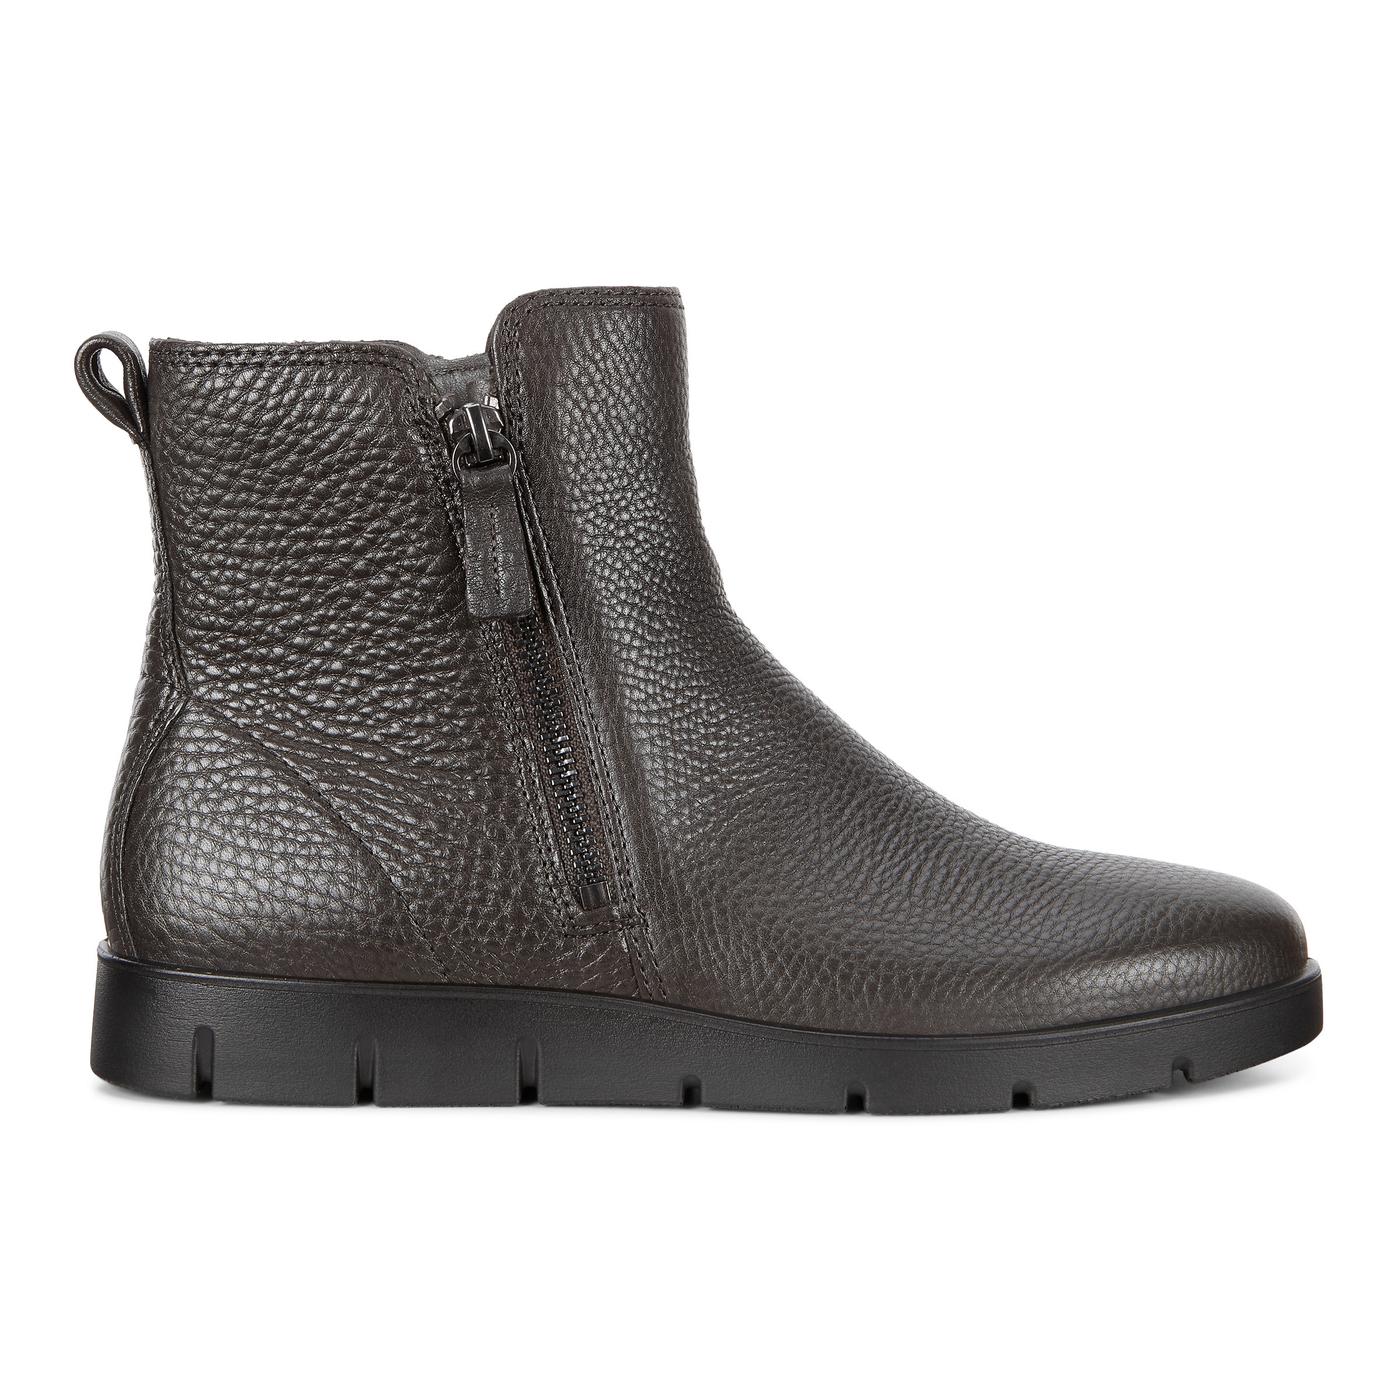 ECCO BELLA Side Zip Boot